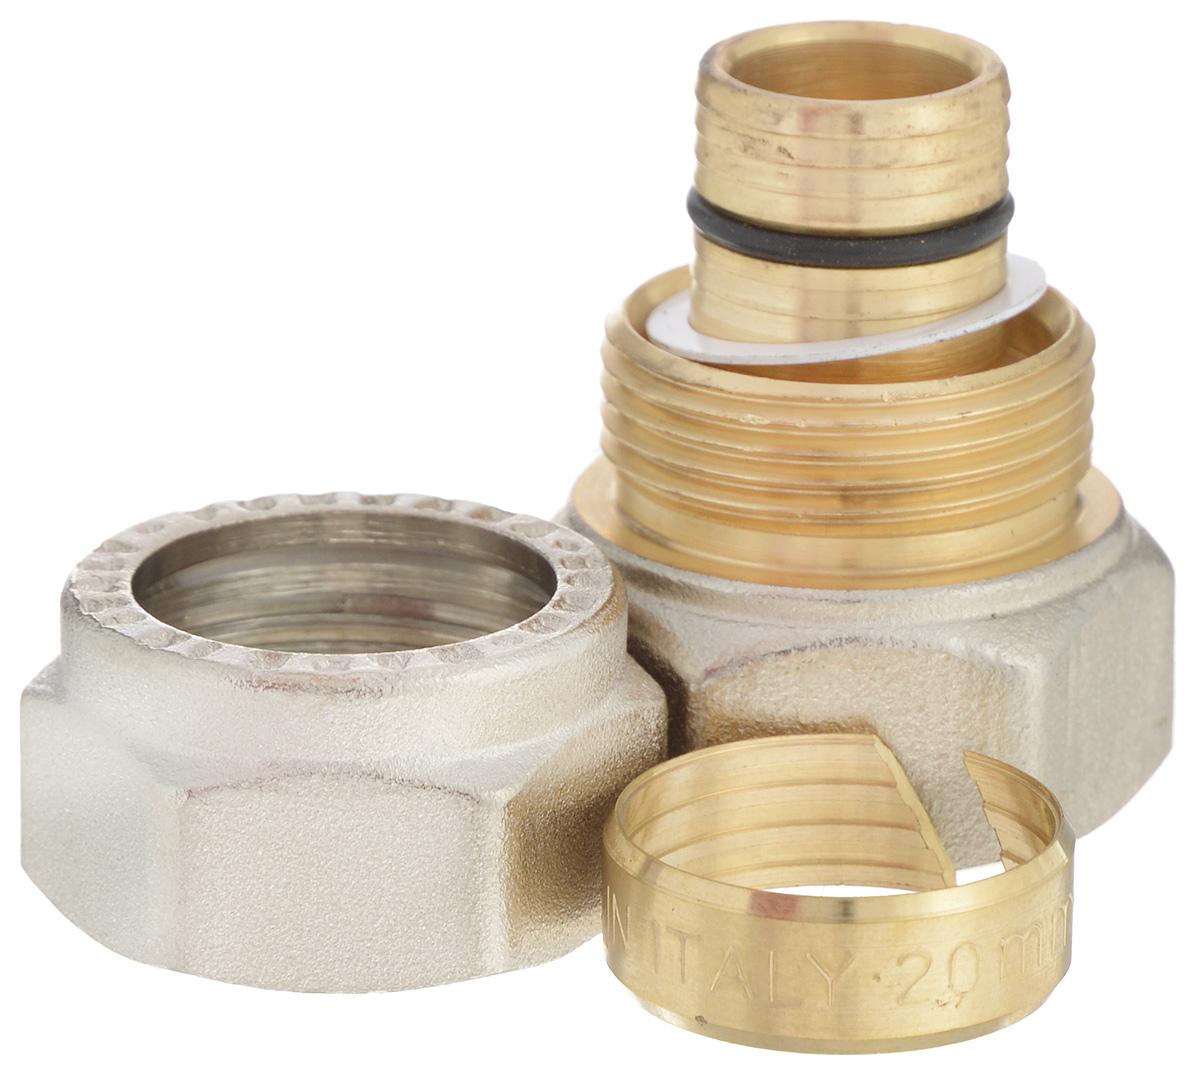 Соединитель Fornara, ц - г, 20 x 3/4655.01Соединитель Fornara предназначен для соединения металлопластиковых труб с помощью разводного ключа. Соединение получается разъемным, что позволяет при необходимости заменять уплотнительные кольца, а также производить обслуживание участка трубопровода.